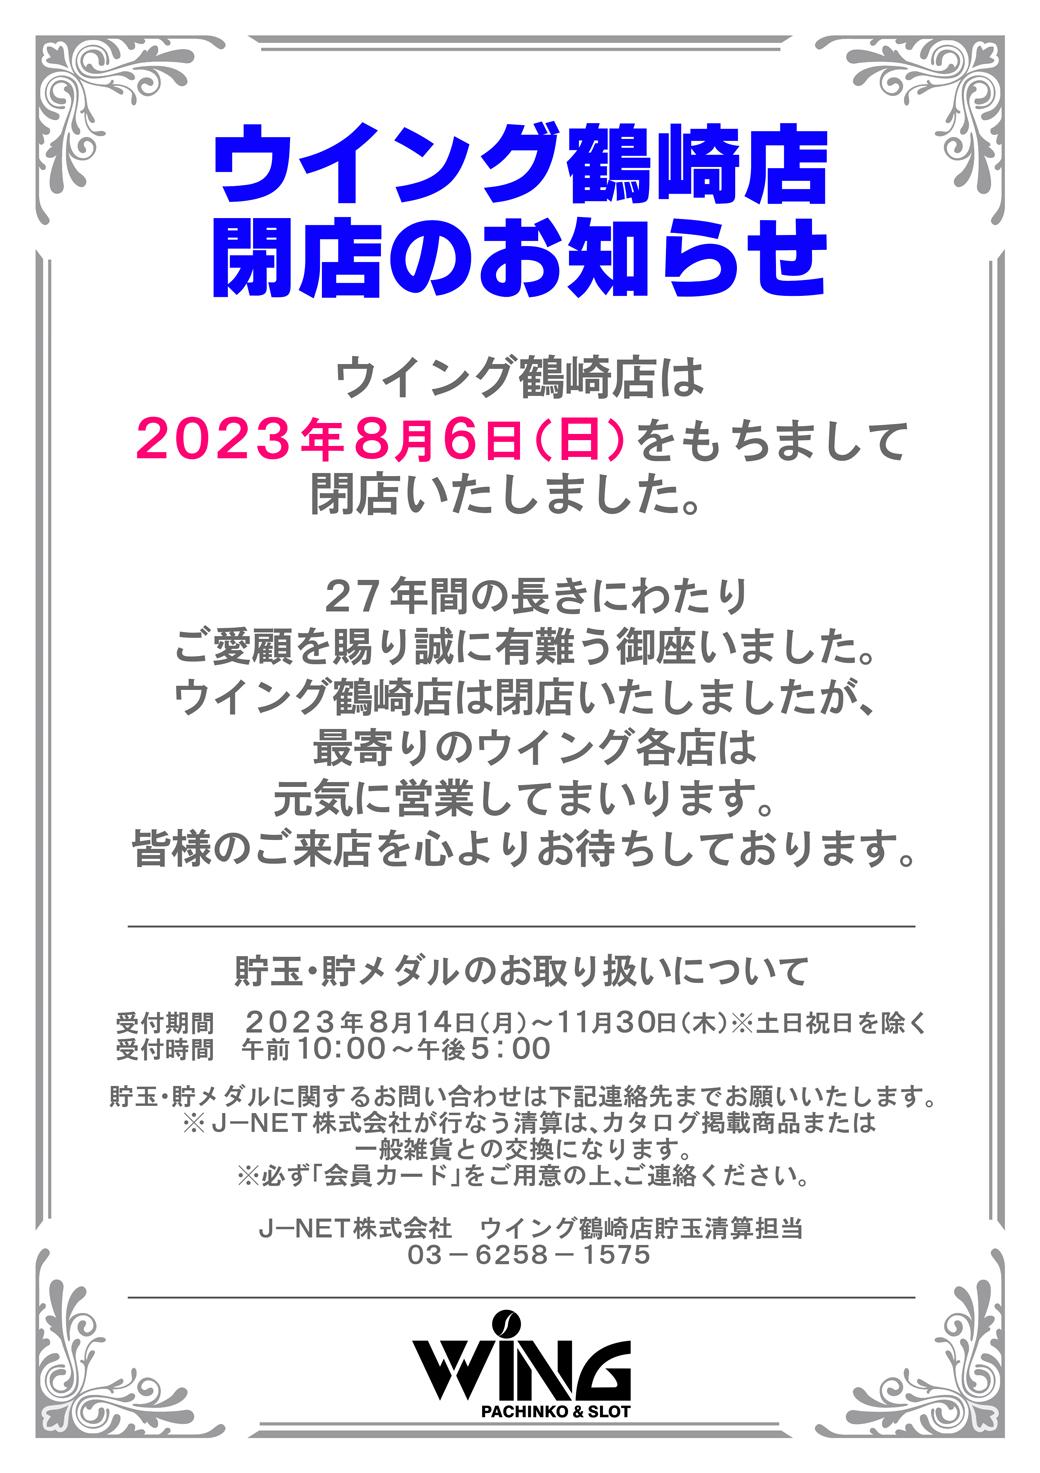 【ウイング鶴崎フロアーマップ】10/7〜